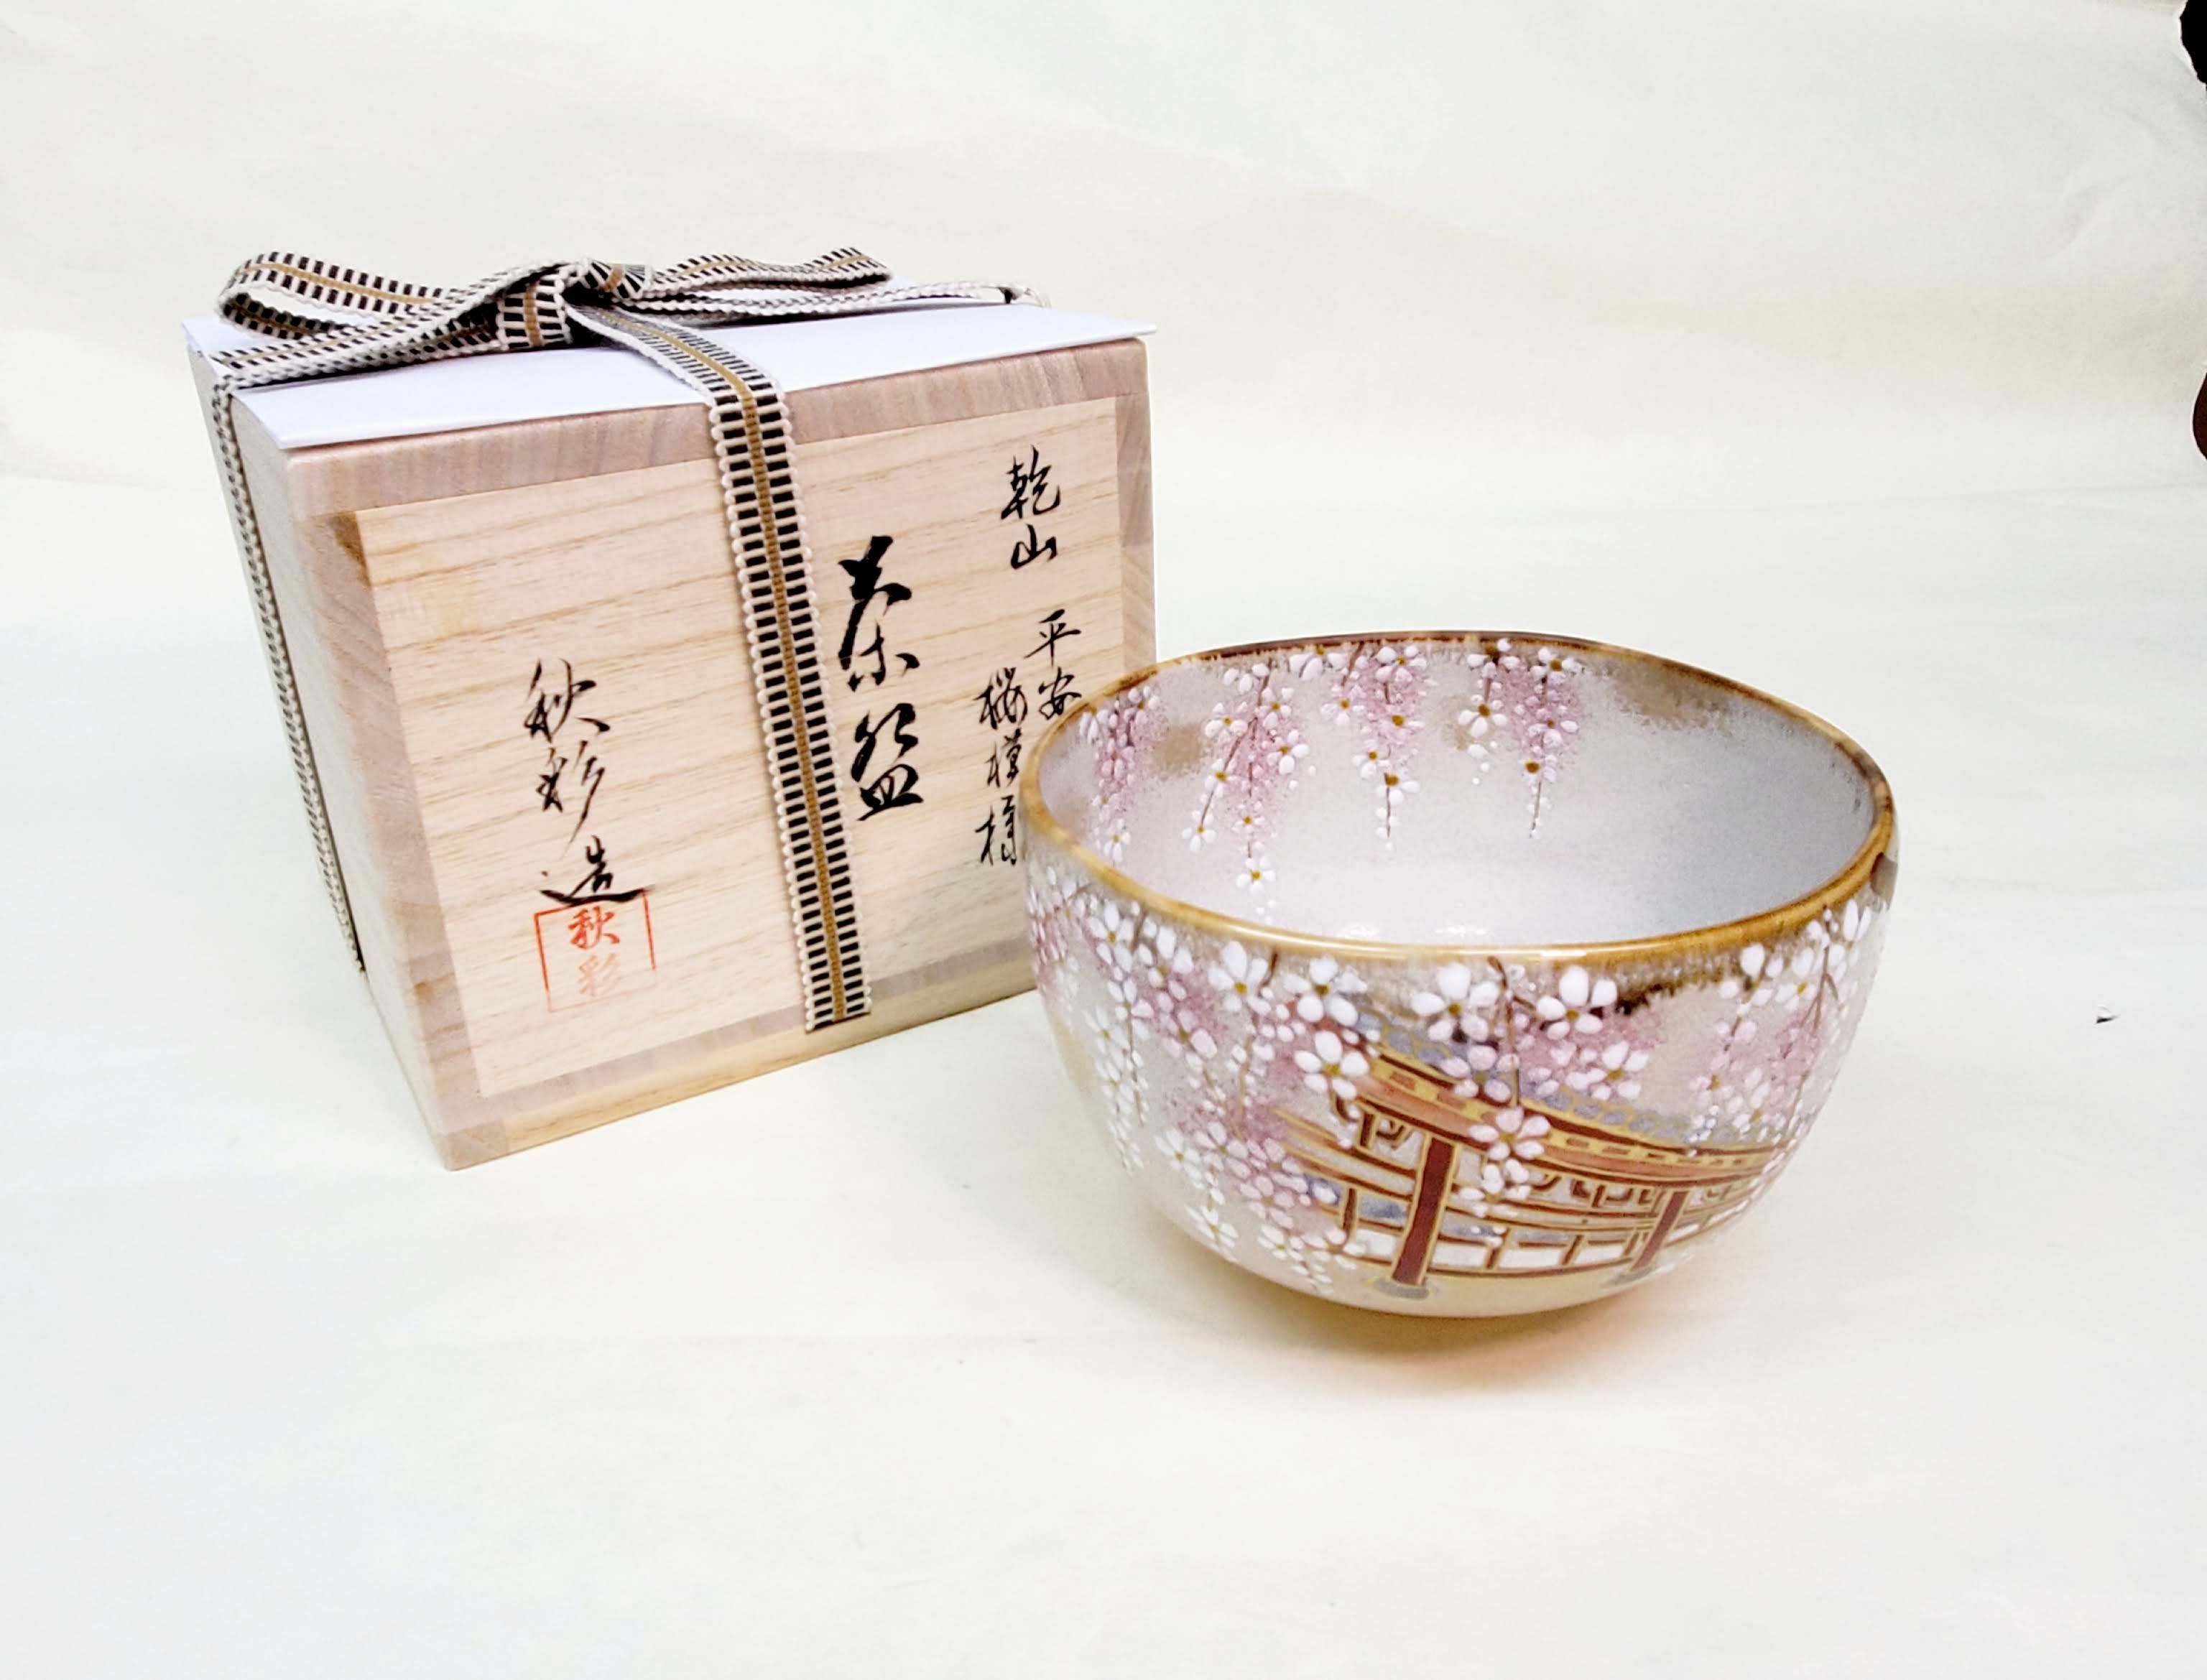 茶碗 乾山写 平安神宮桜模様 森下秋彩